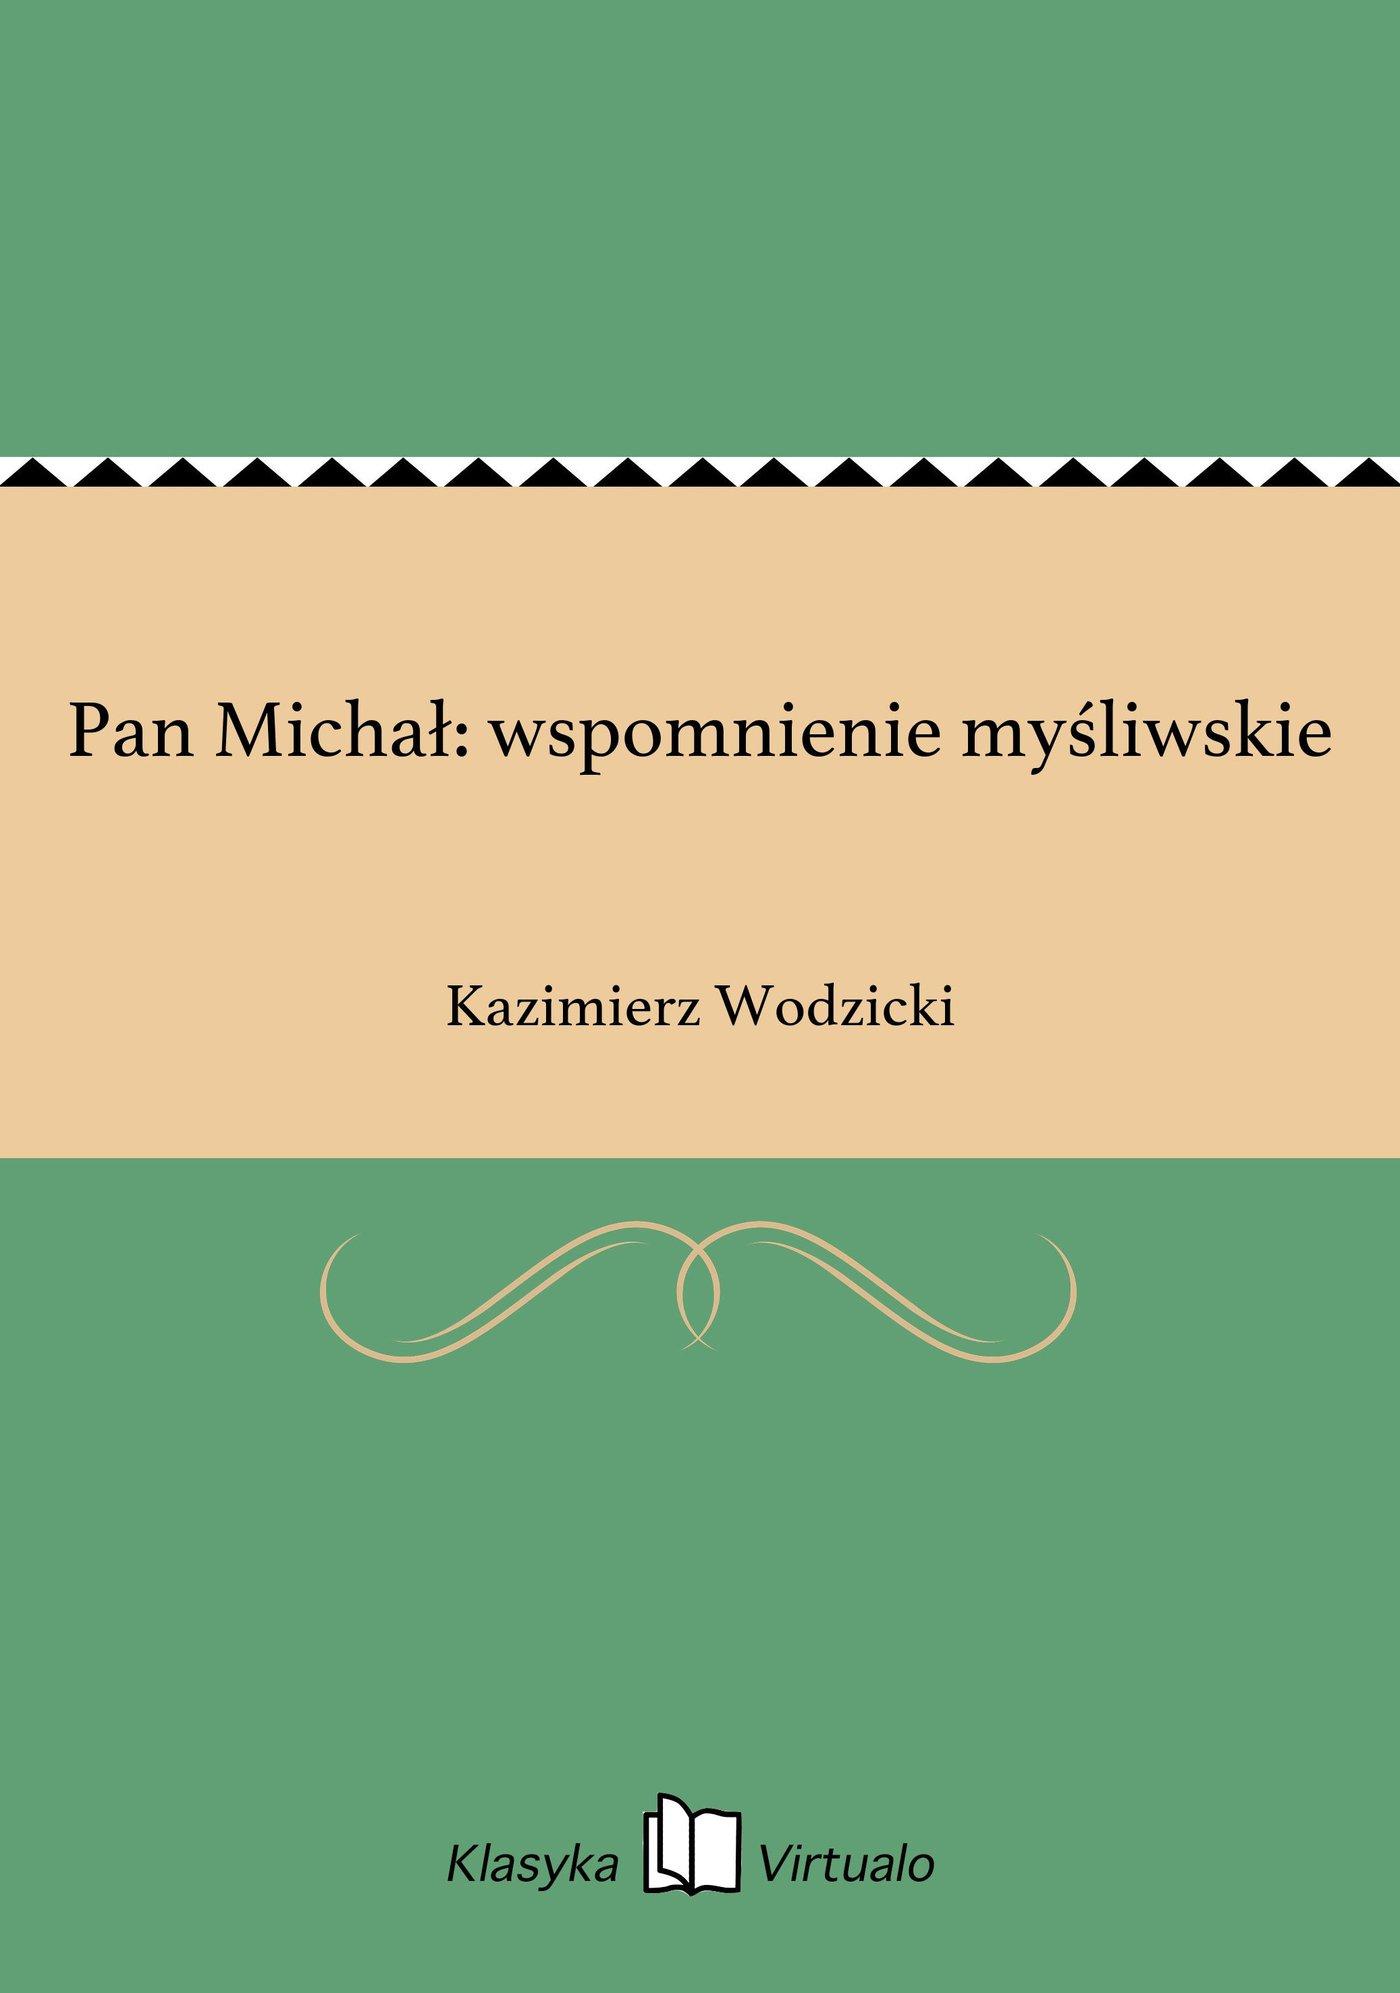 Pan Michał: wspomnienie myśliwskie - Ebook (Książka EPUB) do pobrania w formacie EPUB